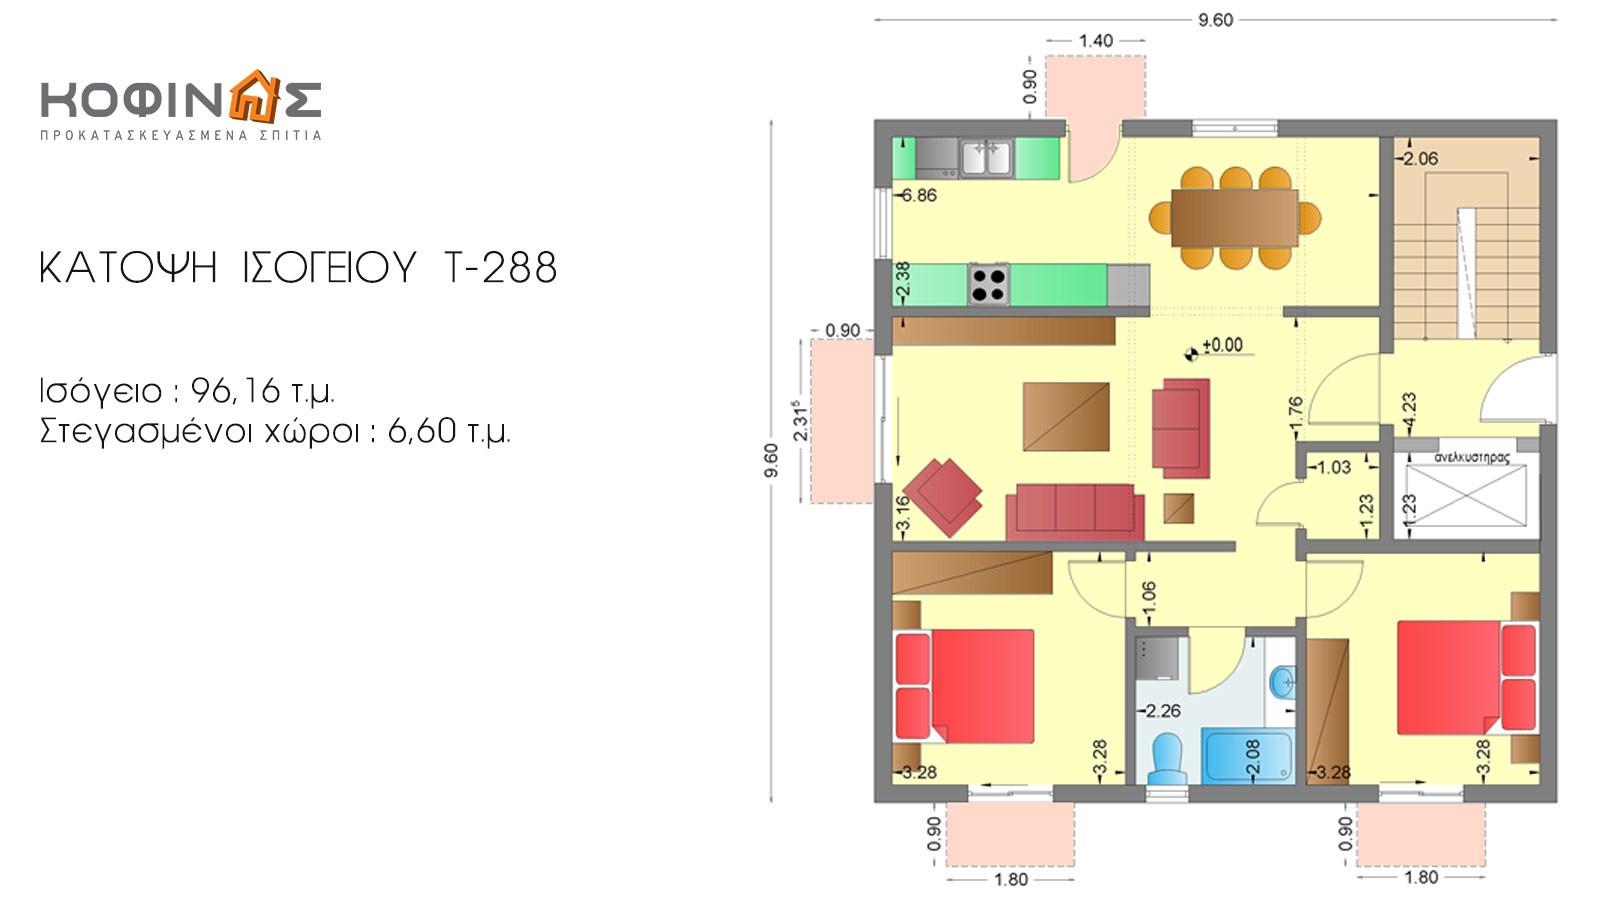 Τριώροφη Κατοικία T-288, συνολικής επιφάνειας 288,50 τ.μ.